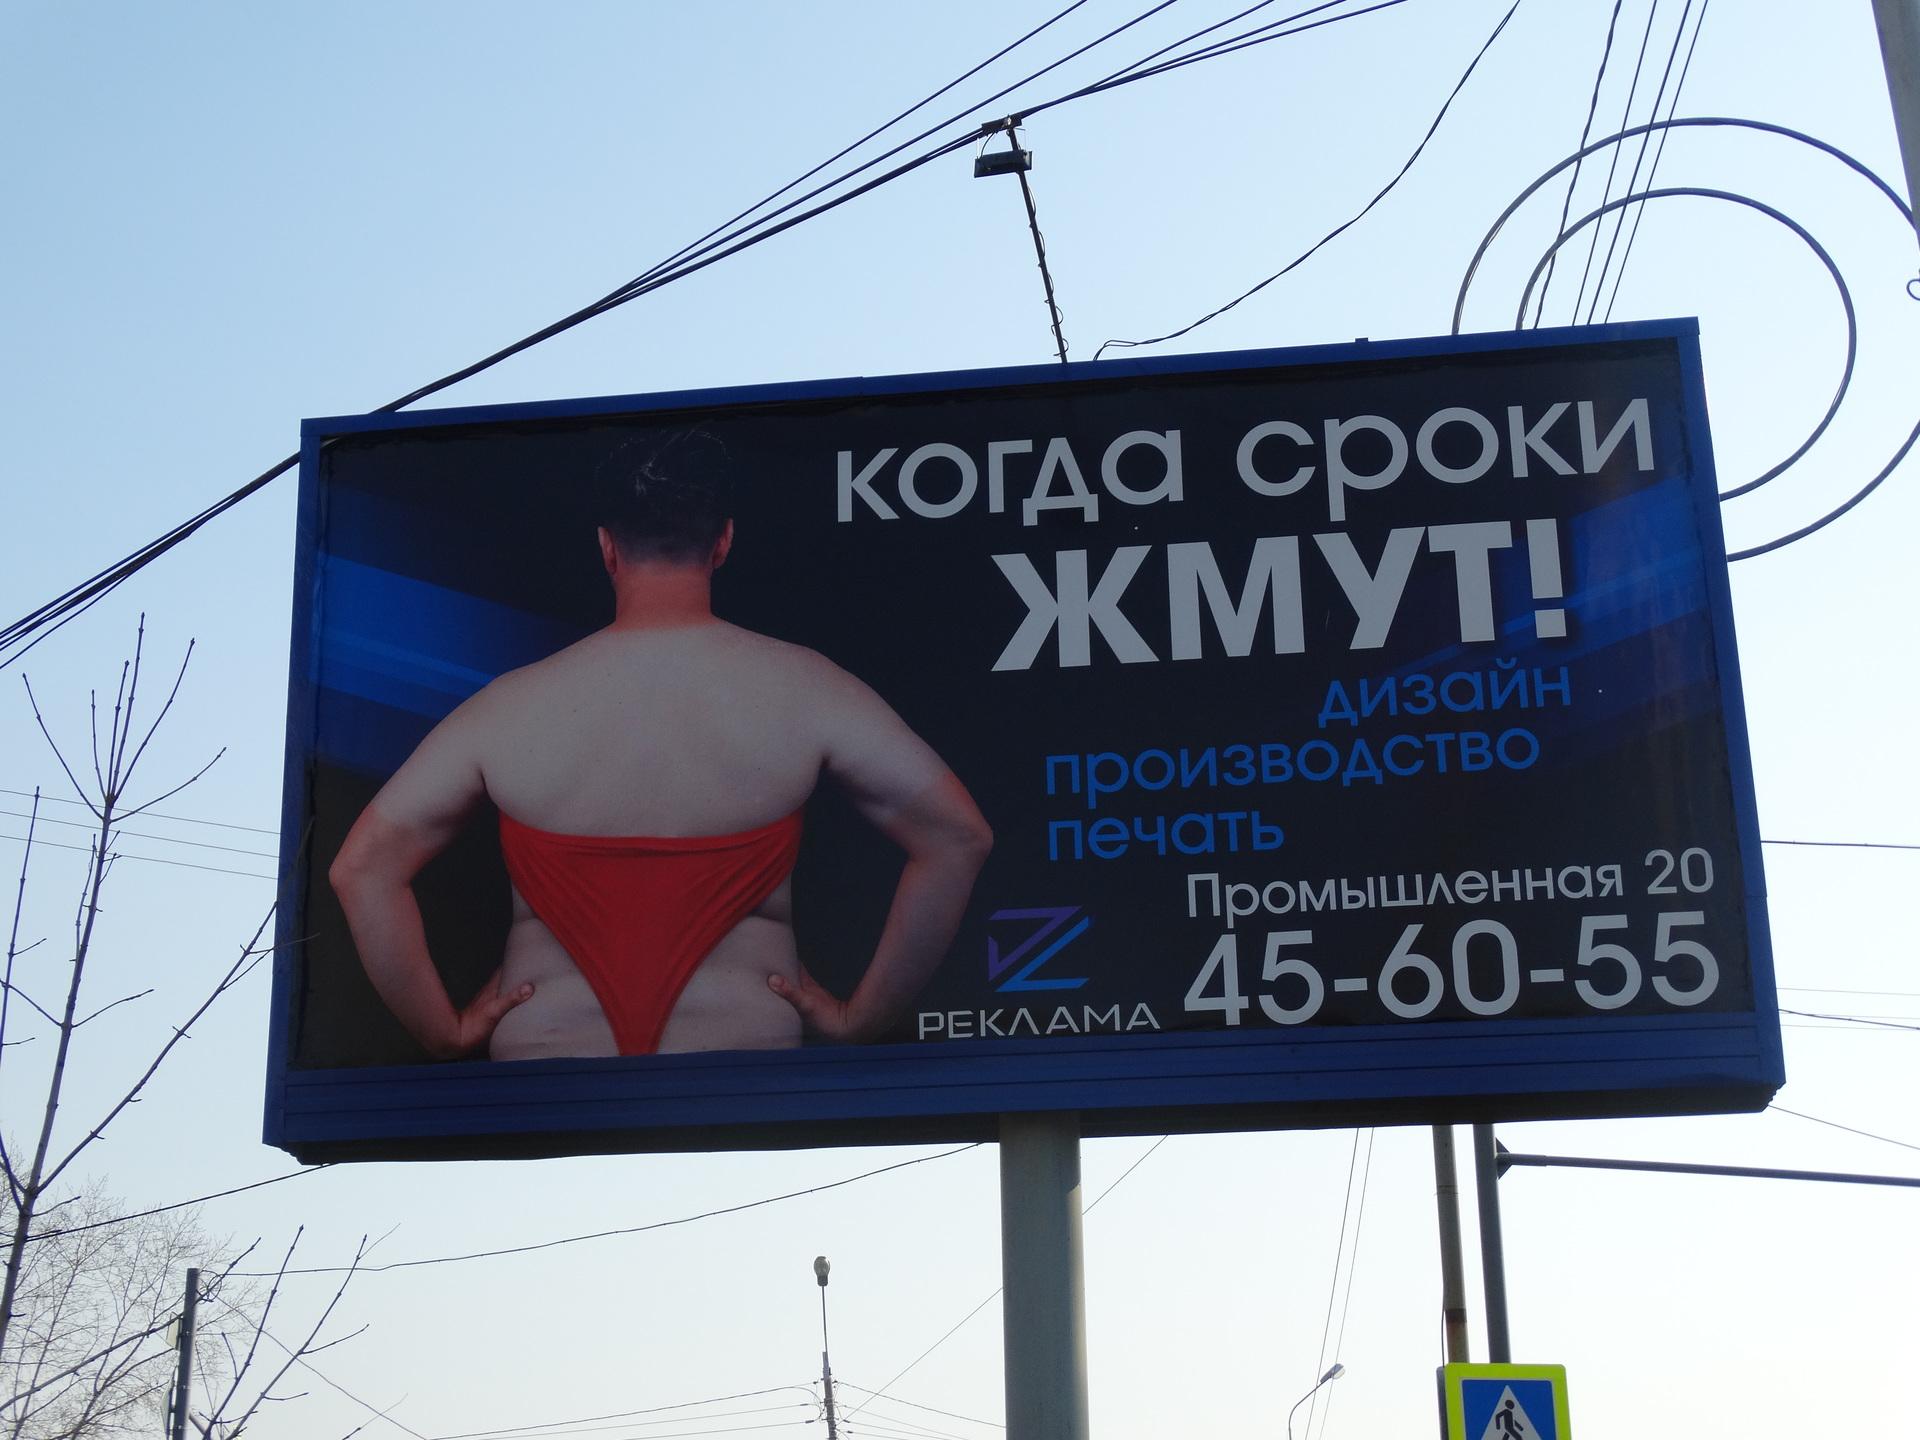 Хочу разместить фото мужа на рекламном щите